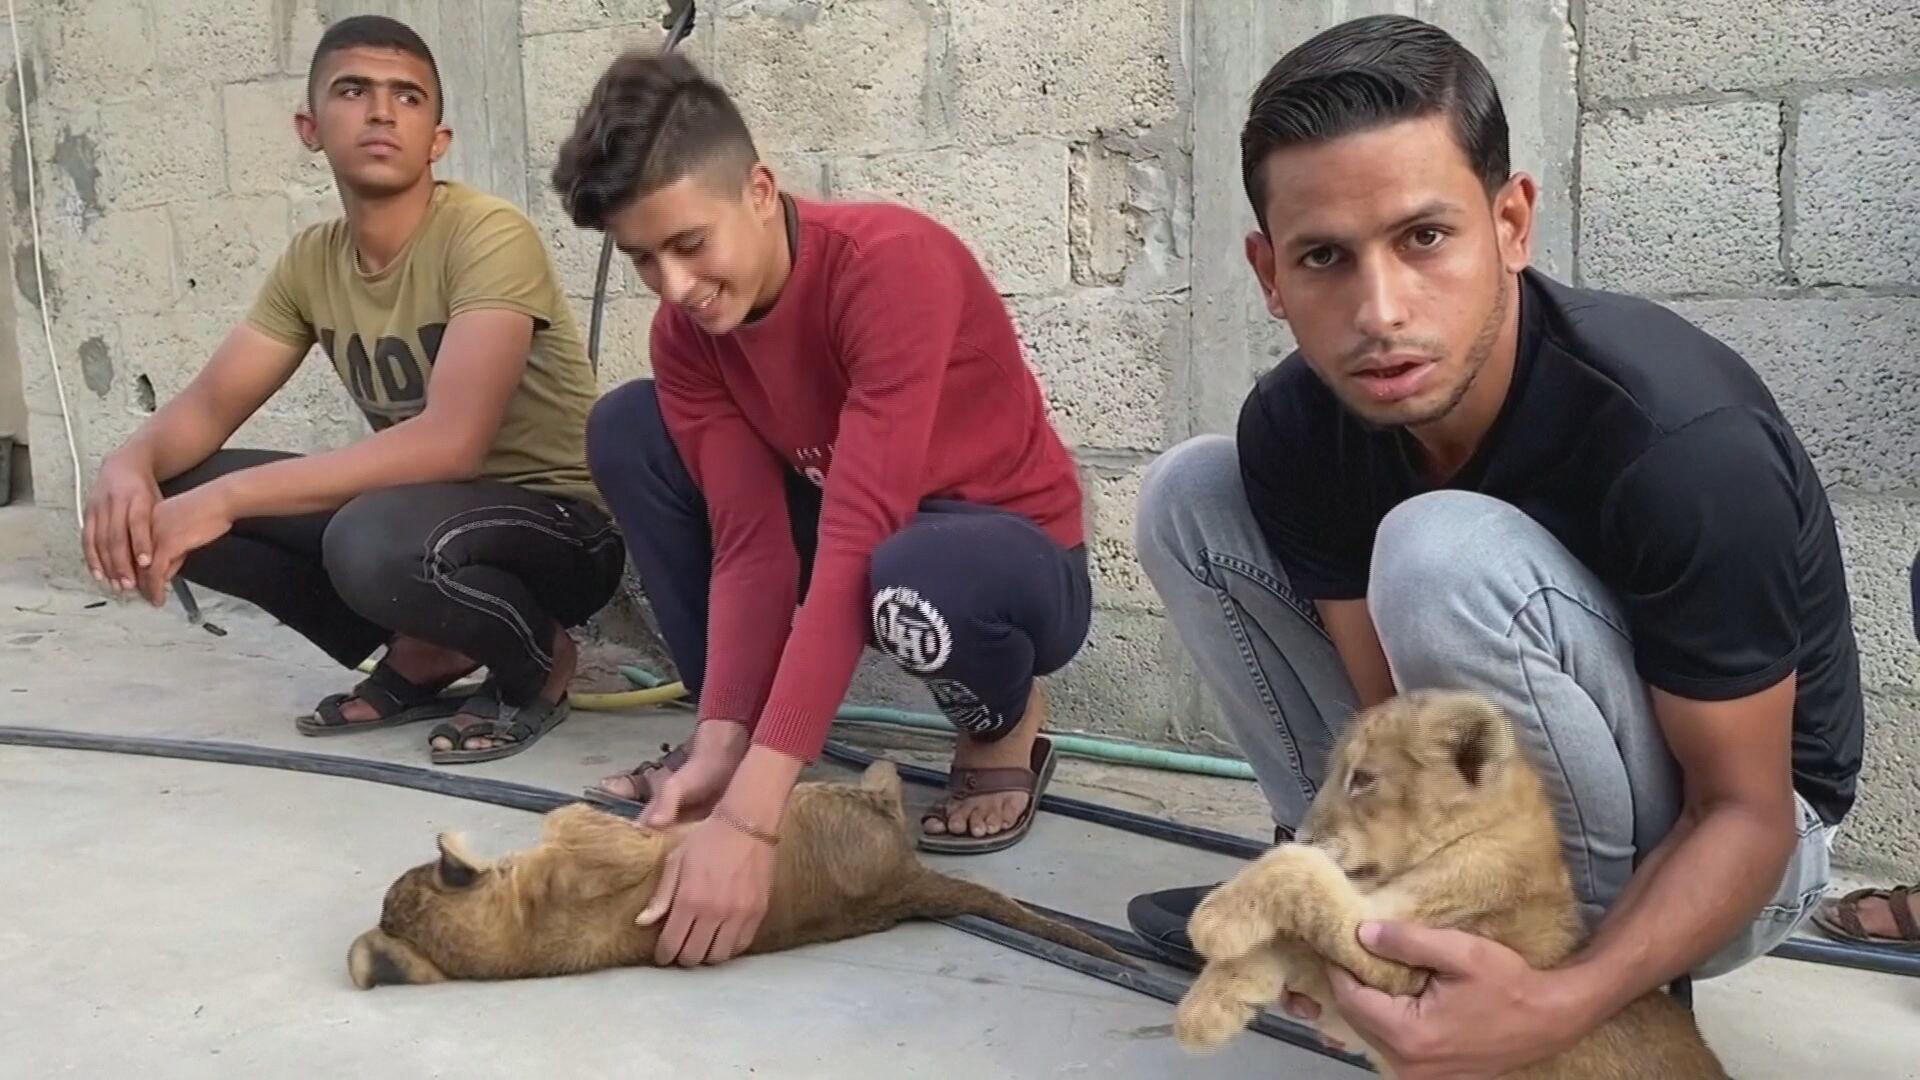 Filhotes de leão são criados em terraçõ de casa em Gaza, no Oriente Médio